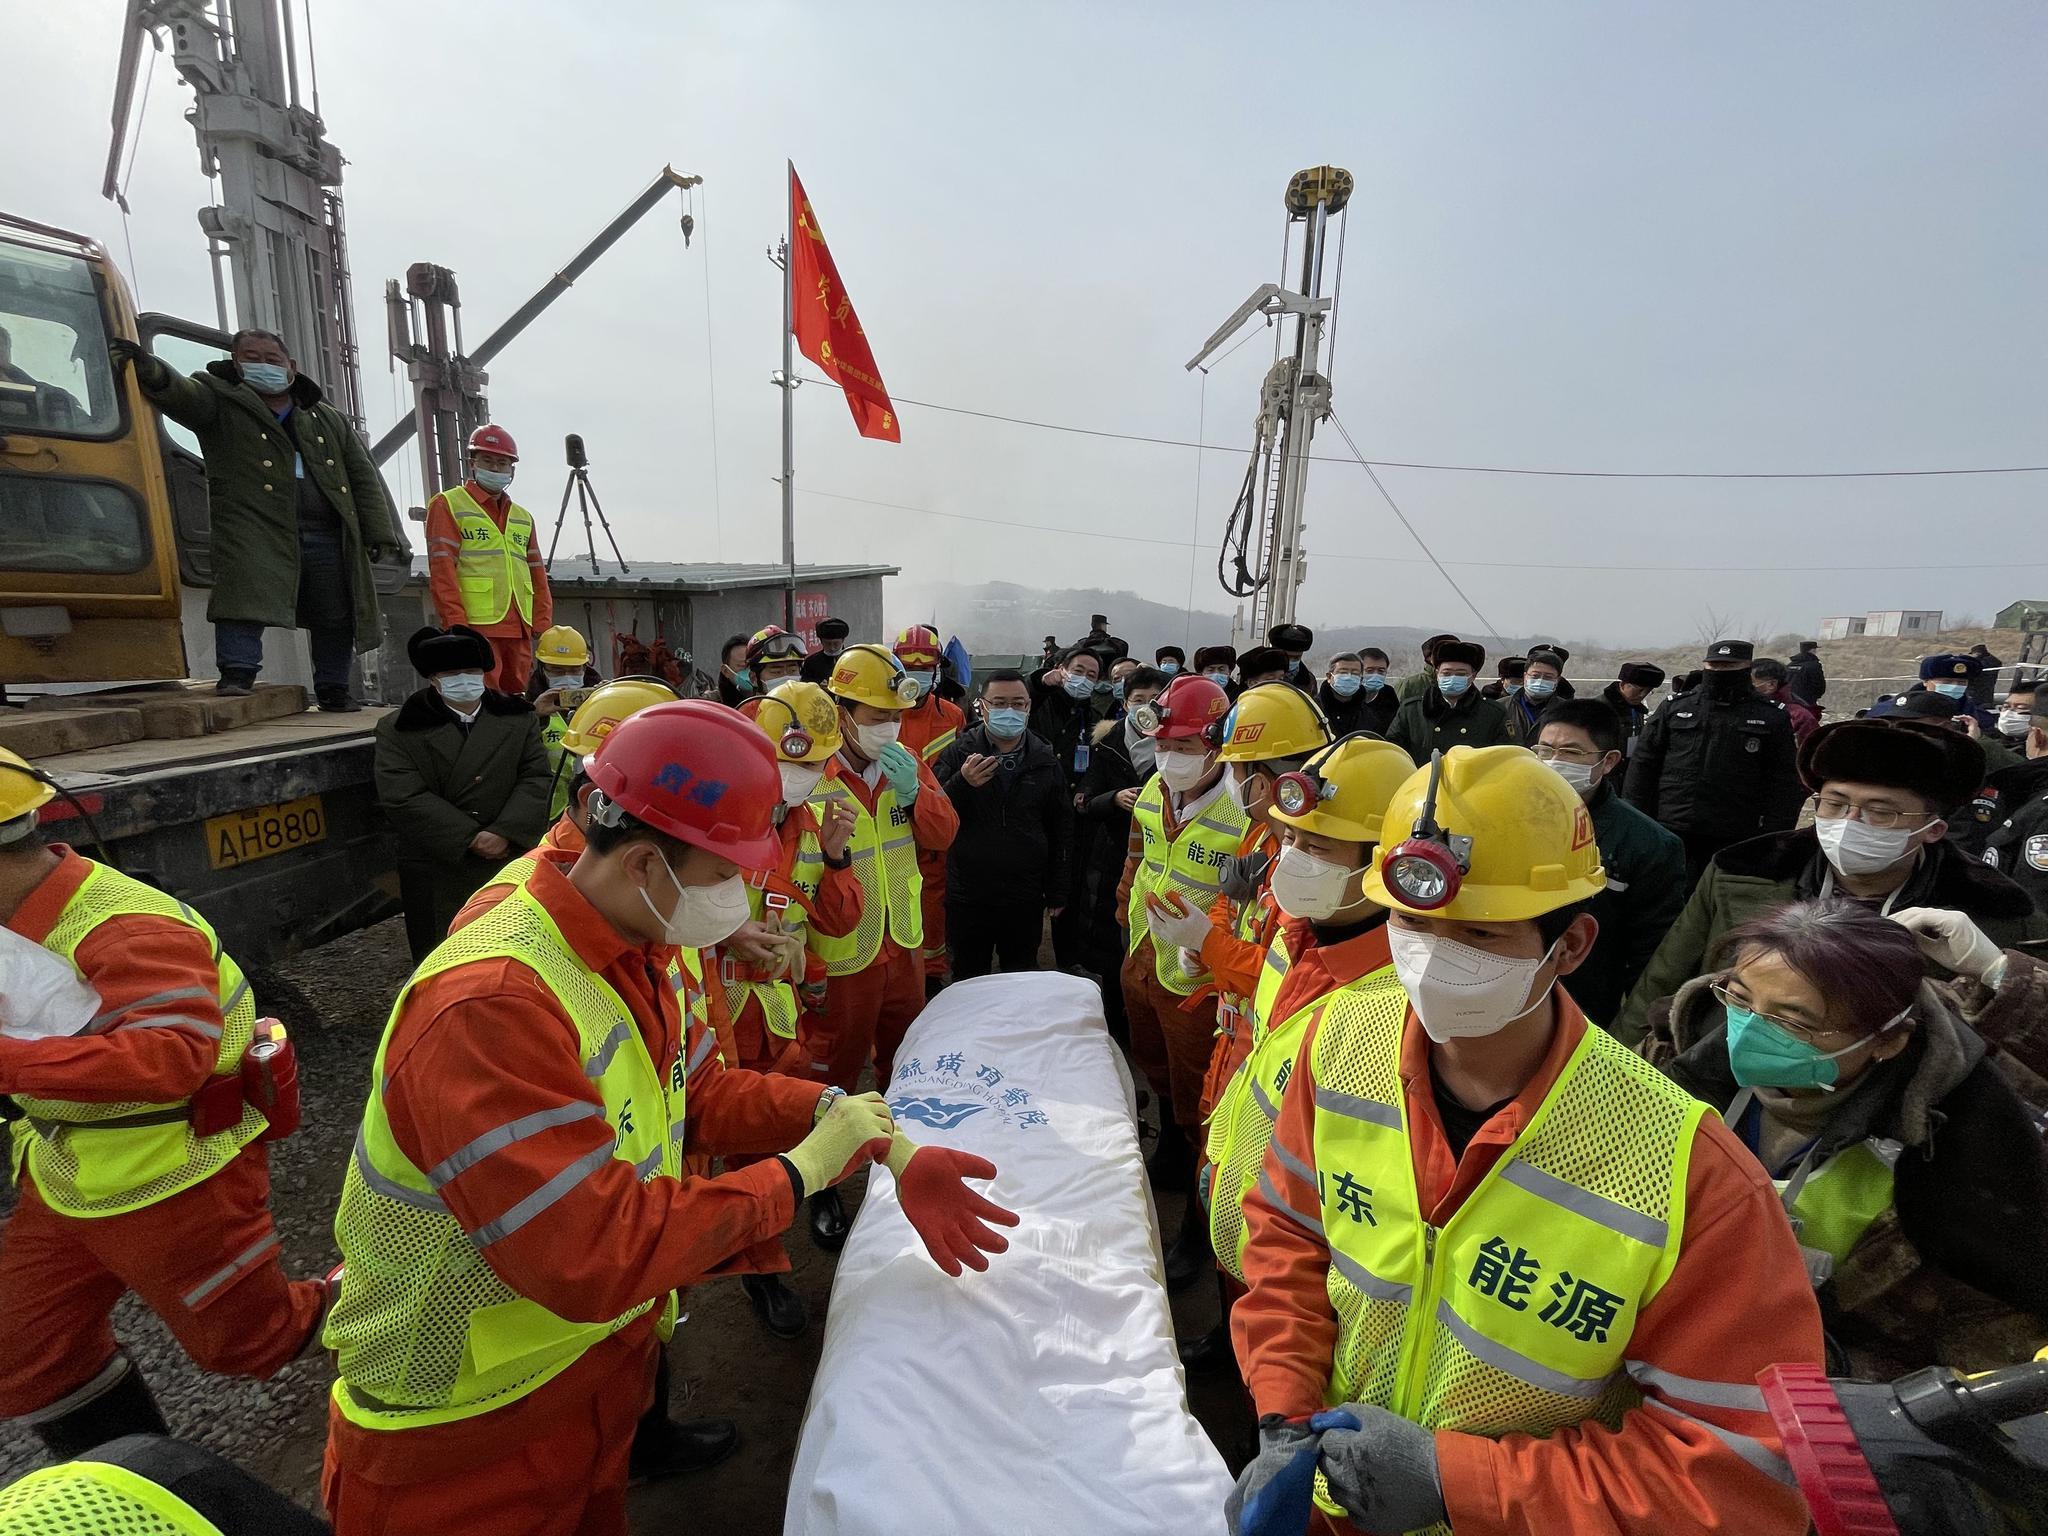 山东栖霞金矿救援: 11名矿工成功升井 障碍物中现空洞成救援关键